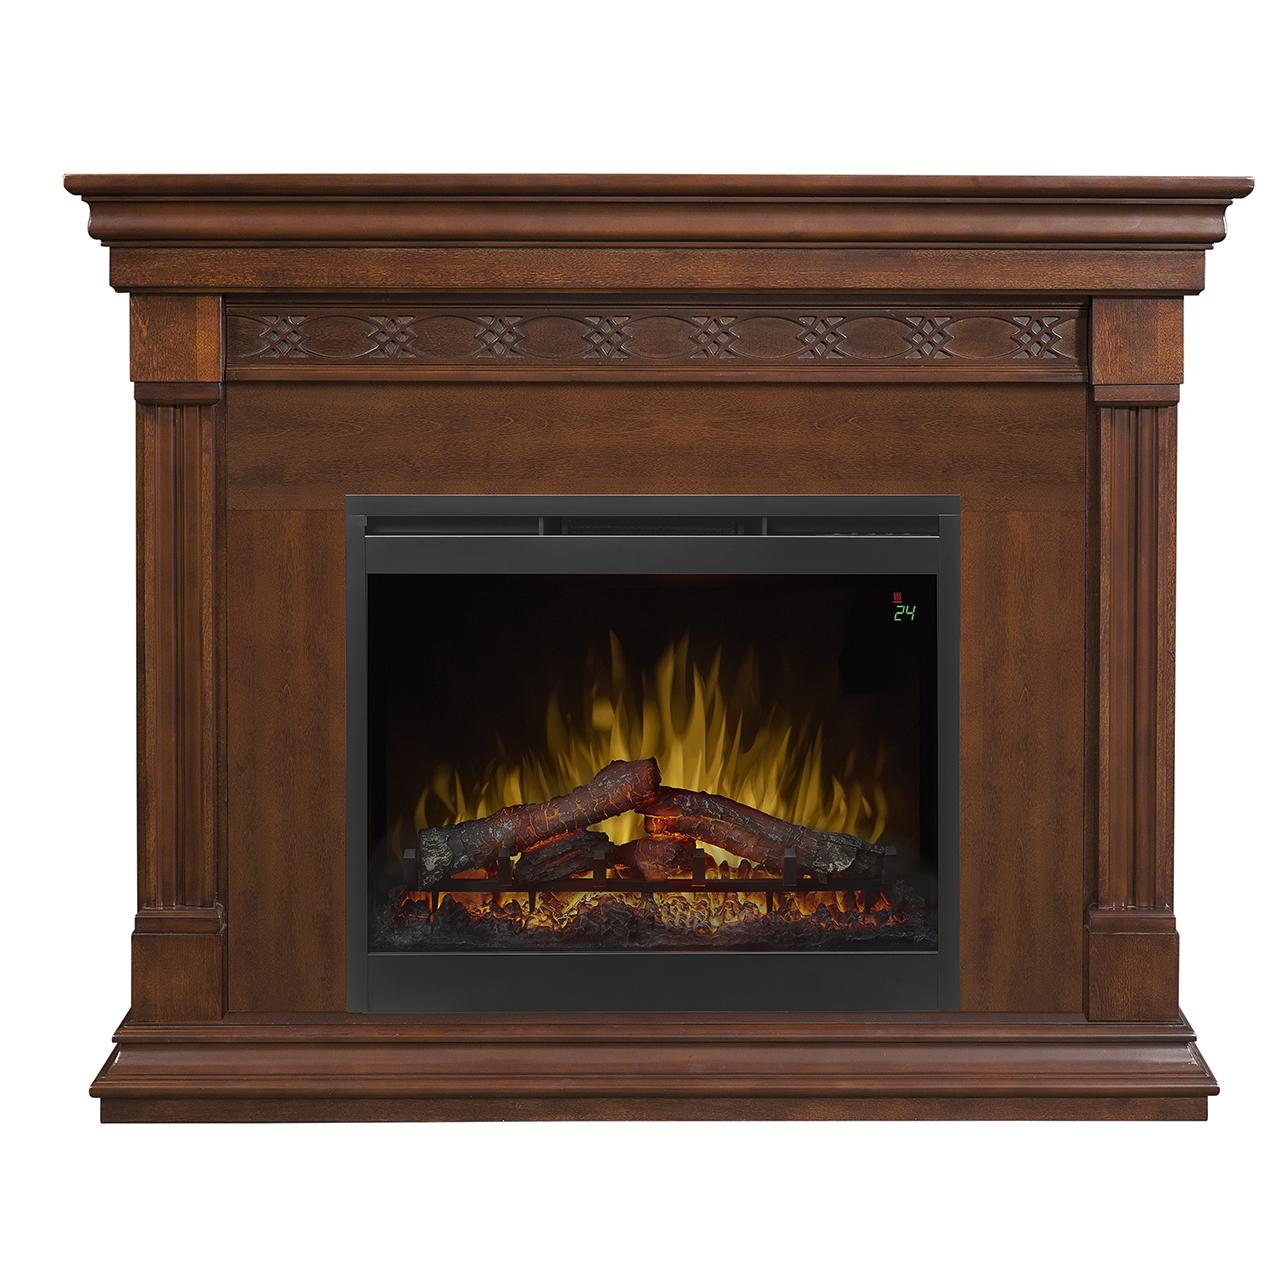 51 Quot Dimplex Alcott Mantel Electric Fireplace